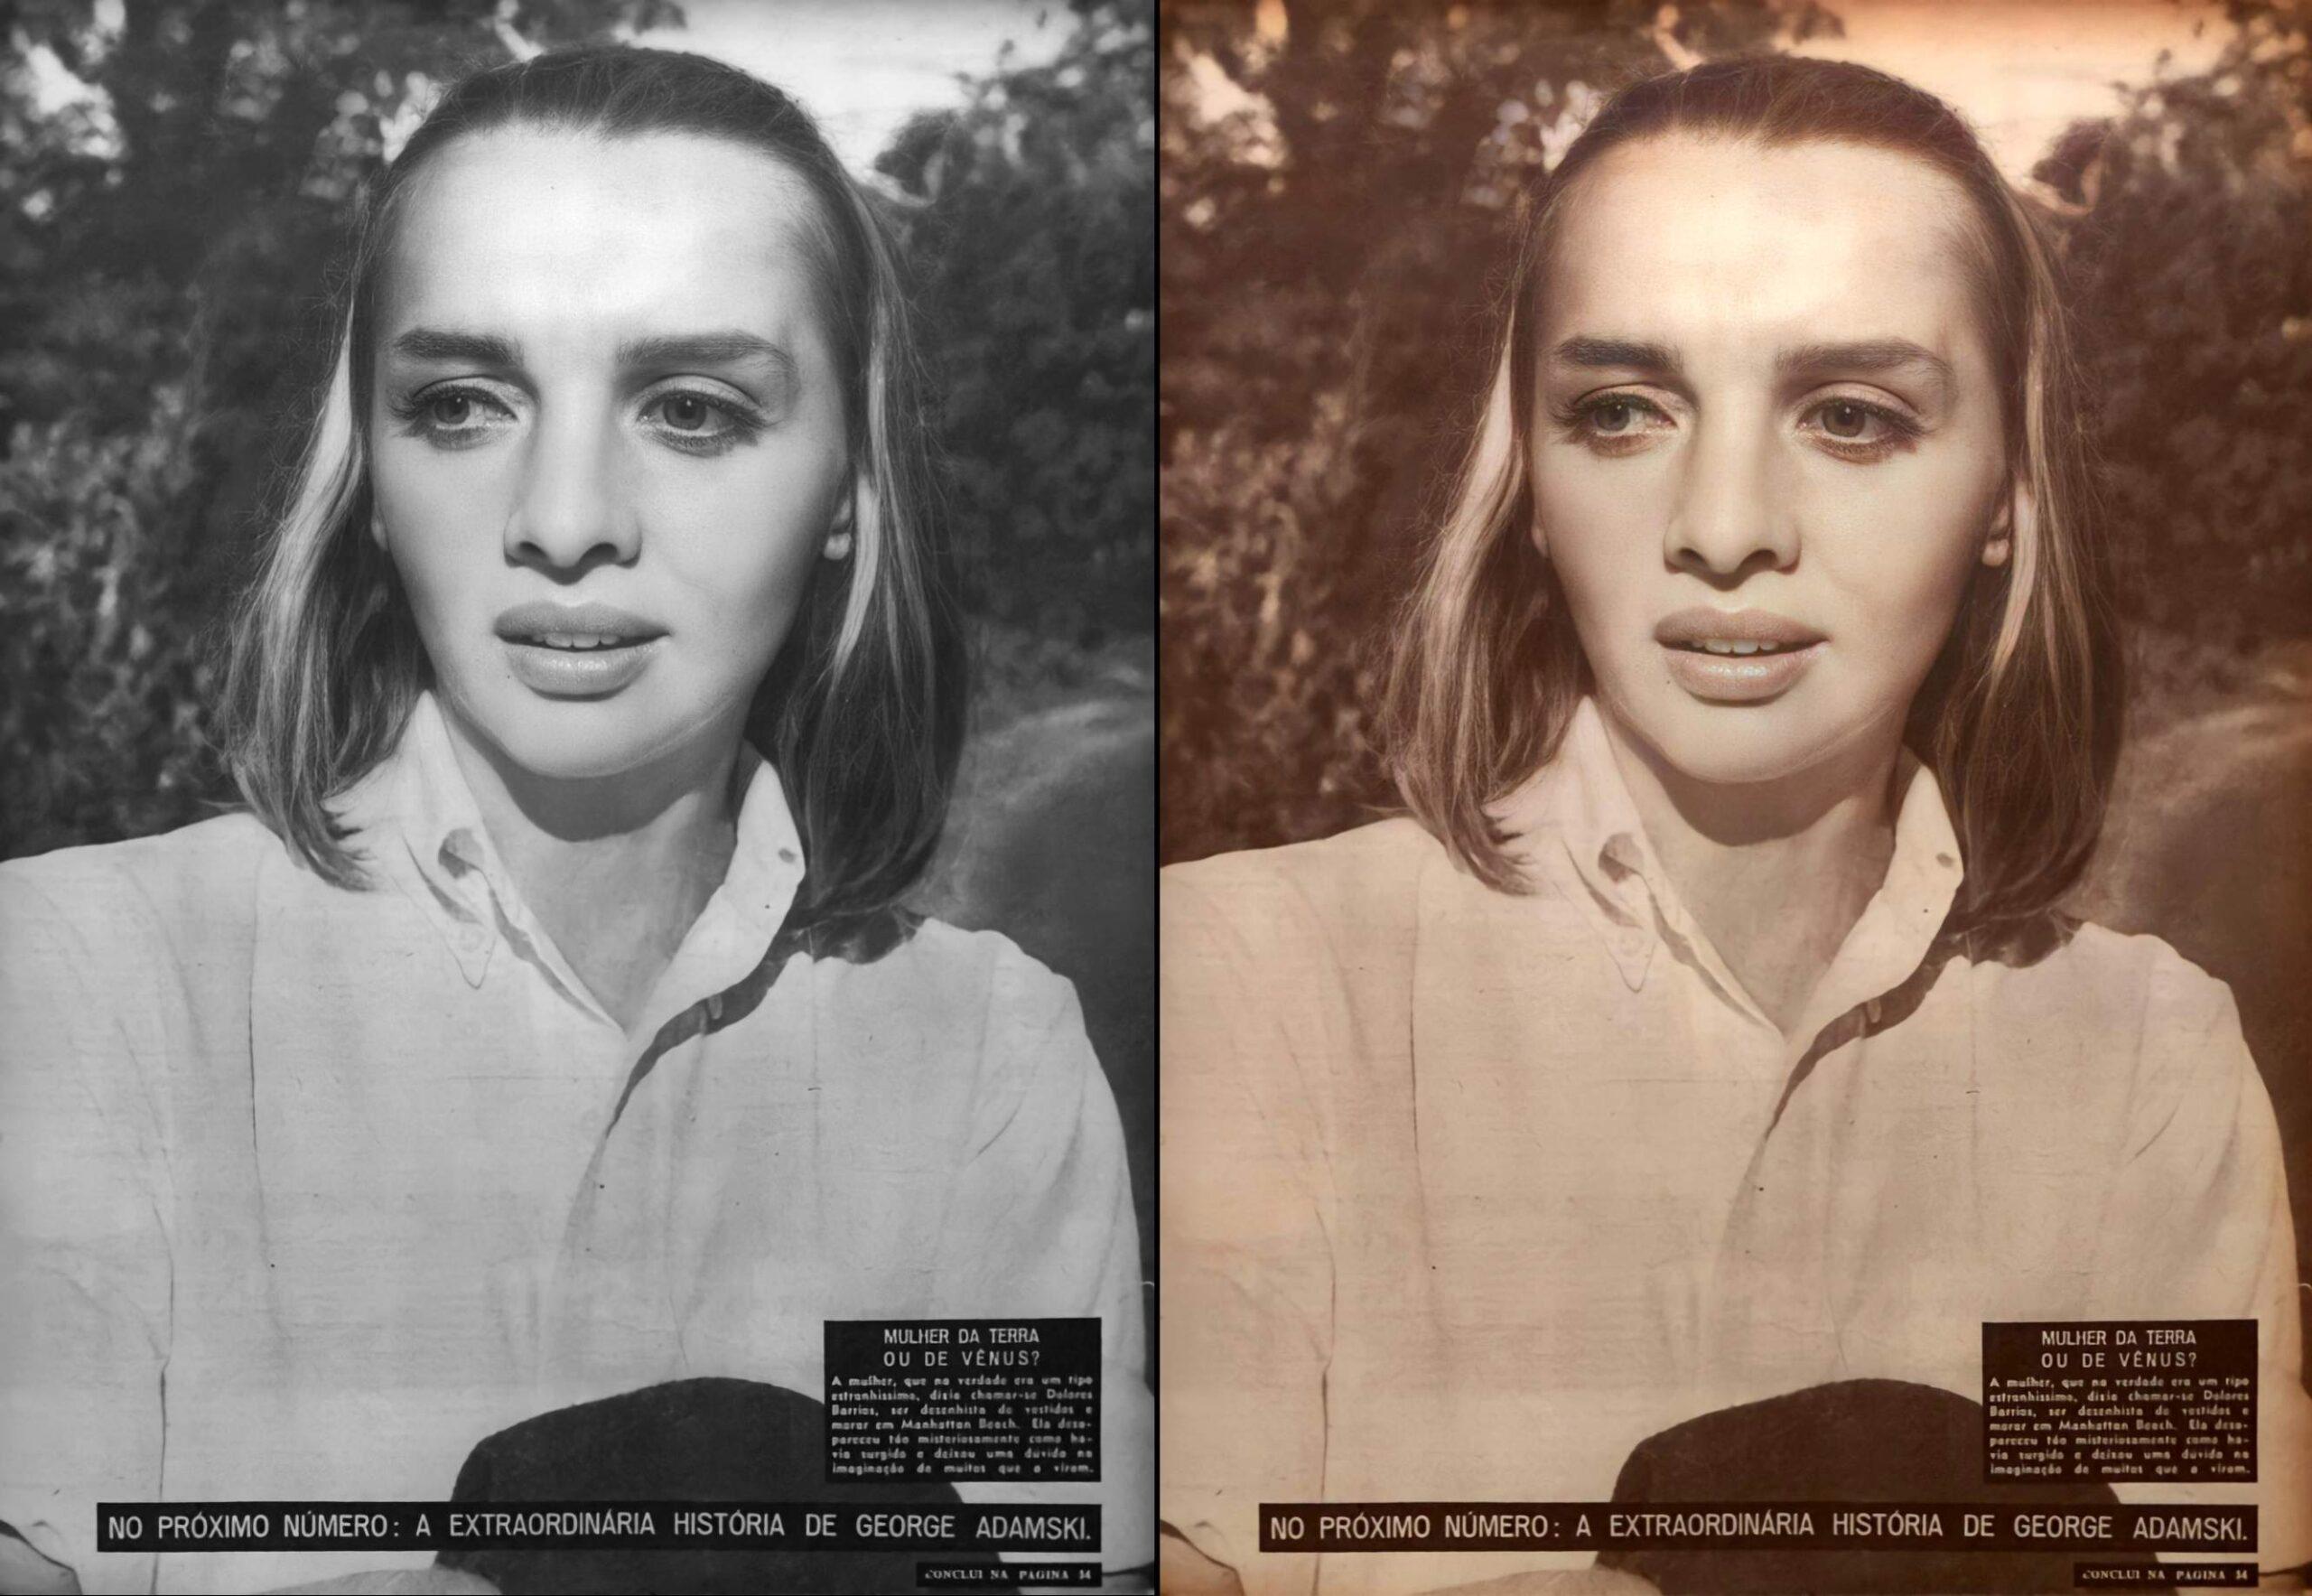 Βελτιωμένες και αποκατεστημένες φωτογραφίες της Dolores Barrios. © MRU